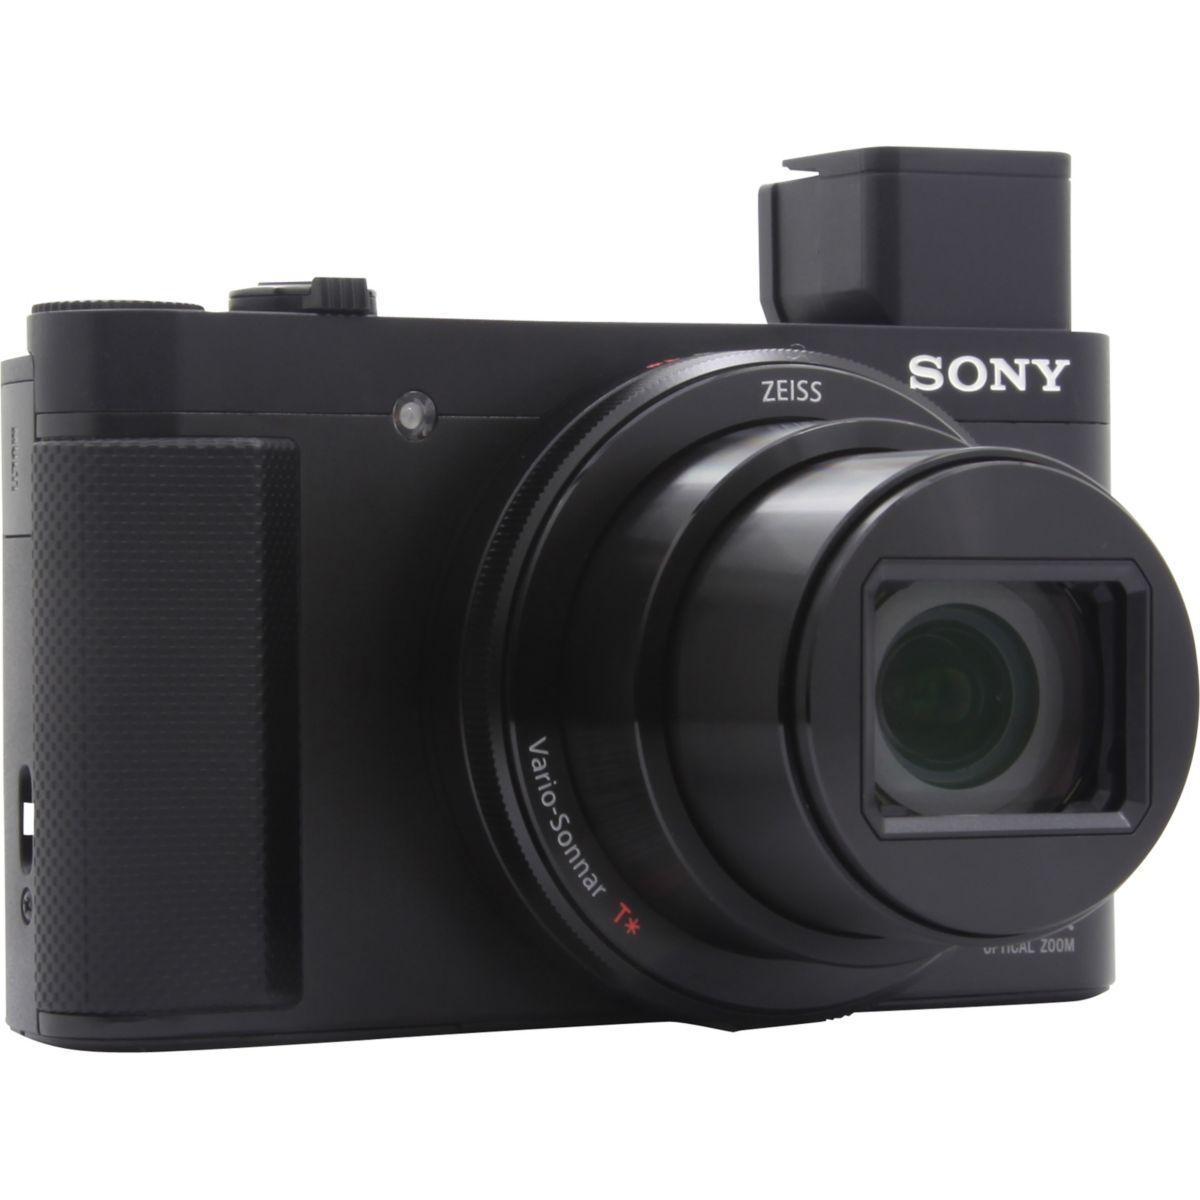 Appareil photo compact sony dsc-hx90 - 5% de remise : code photo5 (photo)